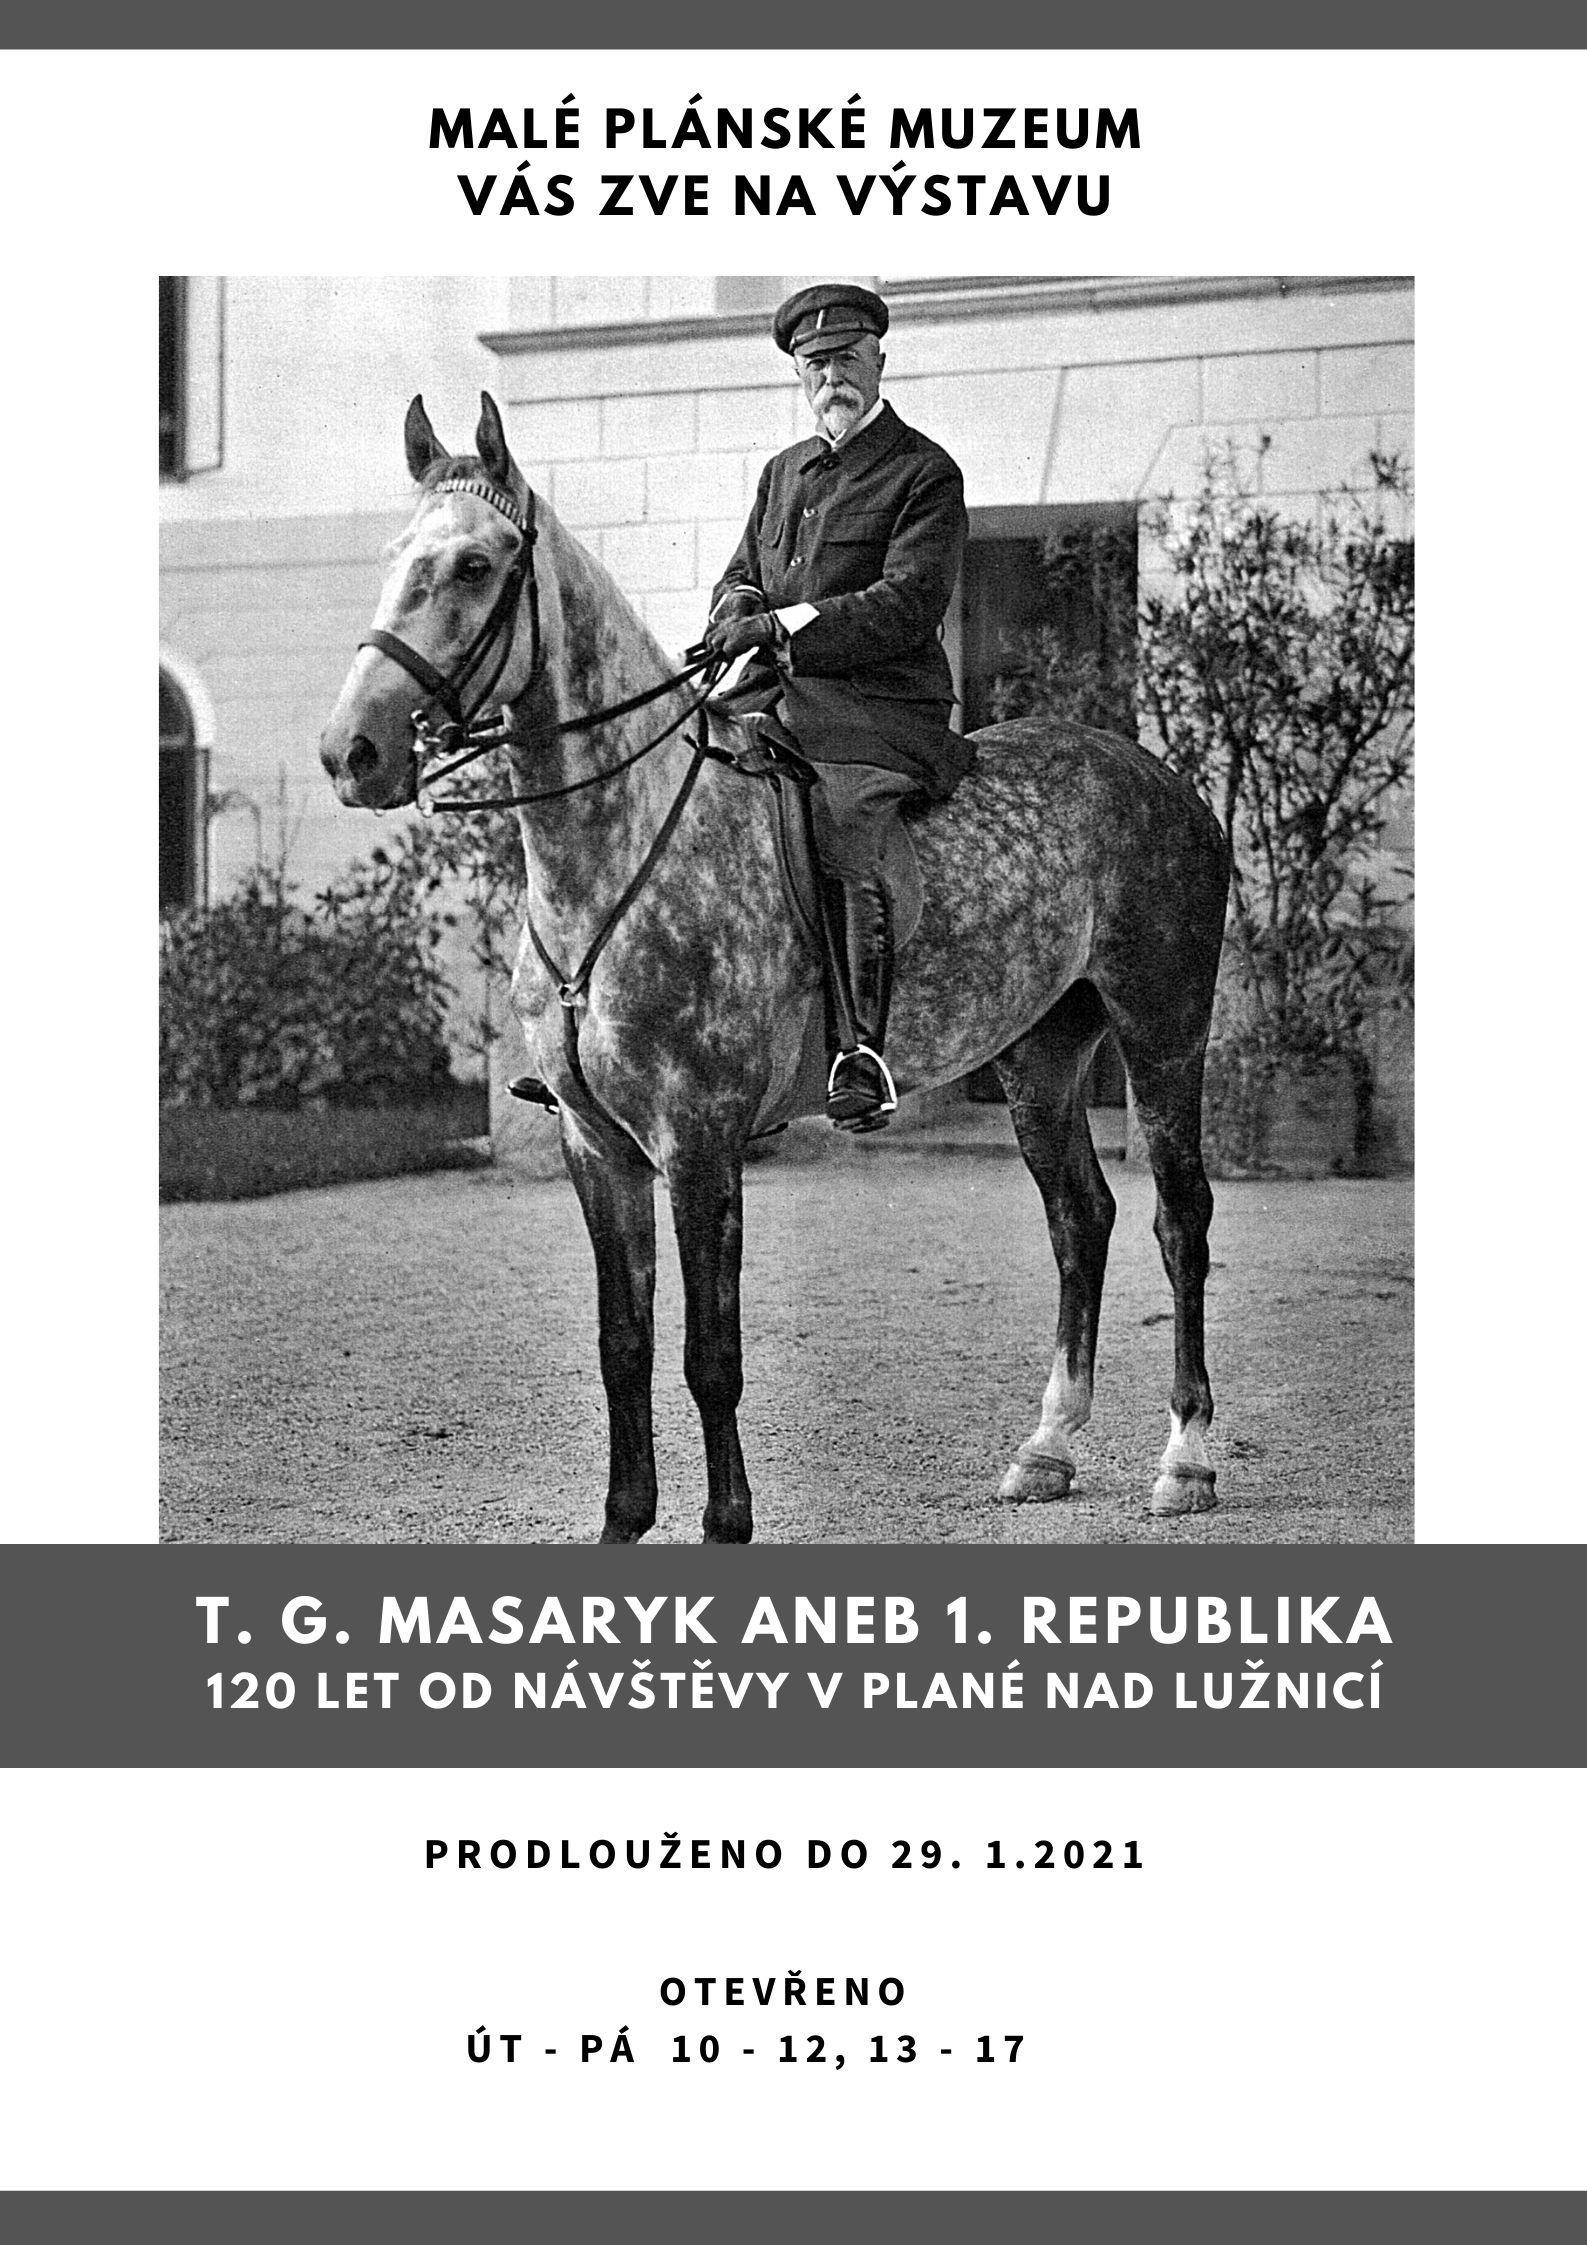 T. G. Masaryk aneb 1. republika